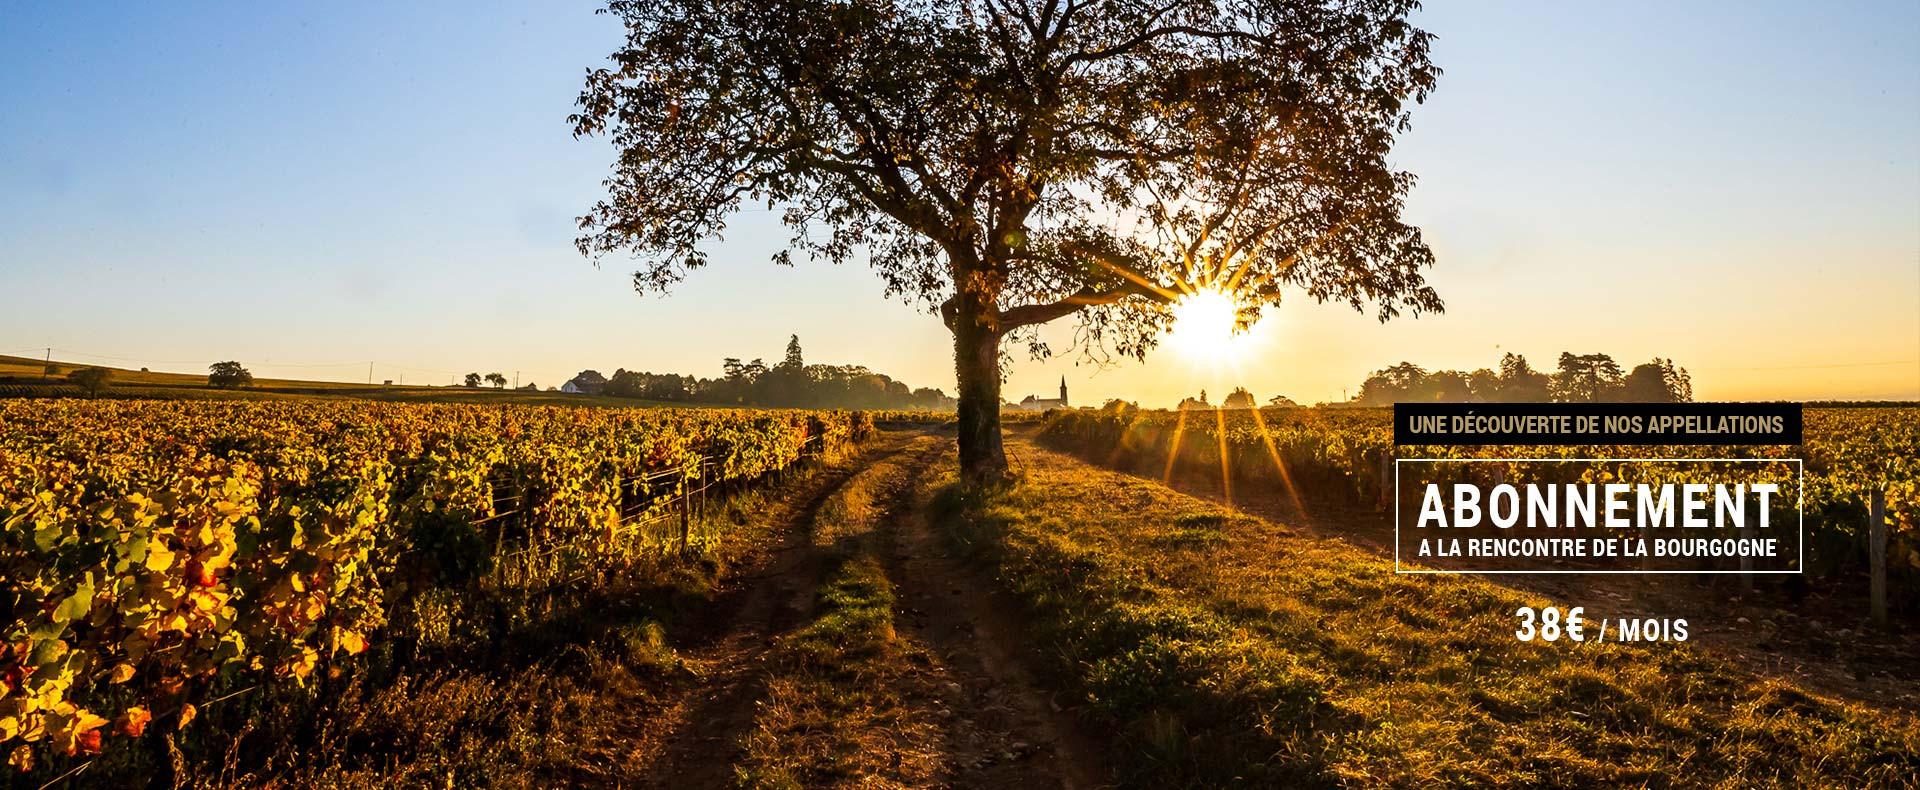 Box vin - A la rencontre de la bourgogne